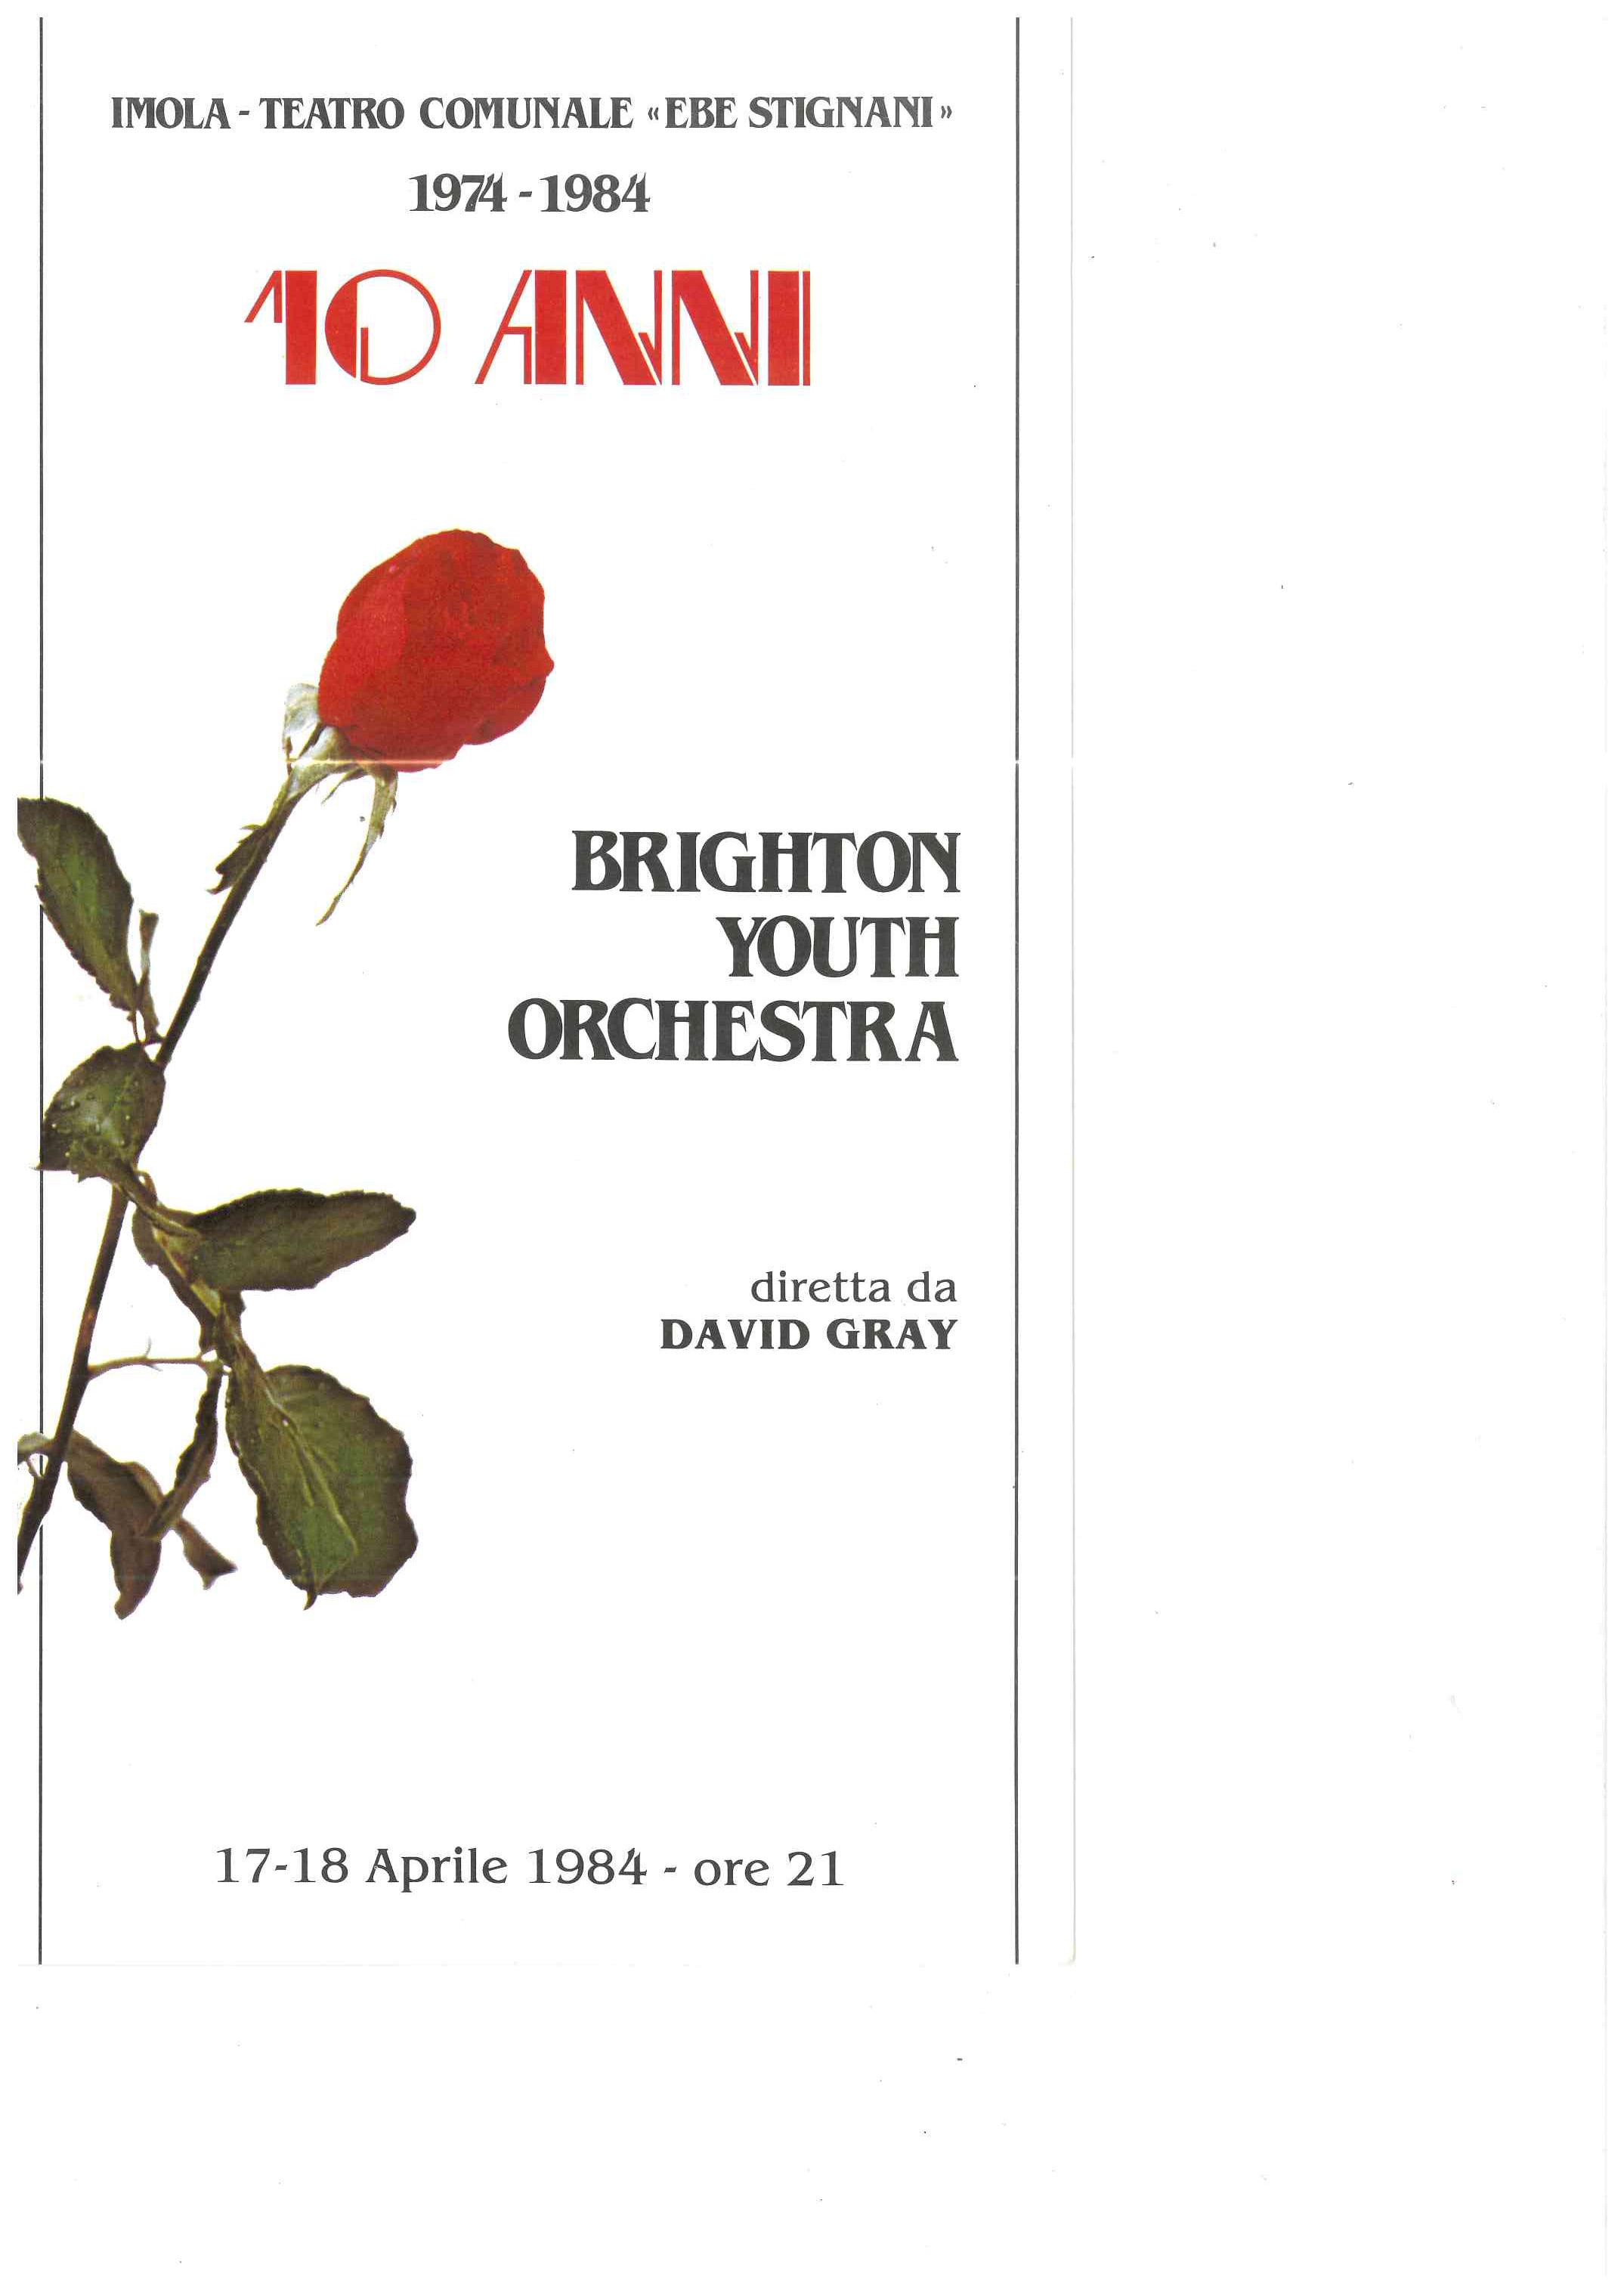 00232-BYO Teatro Comunale, 17th-18th Aprile 1984.jpg